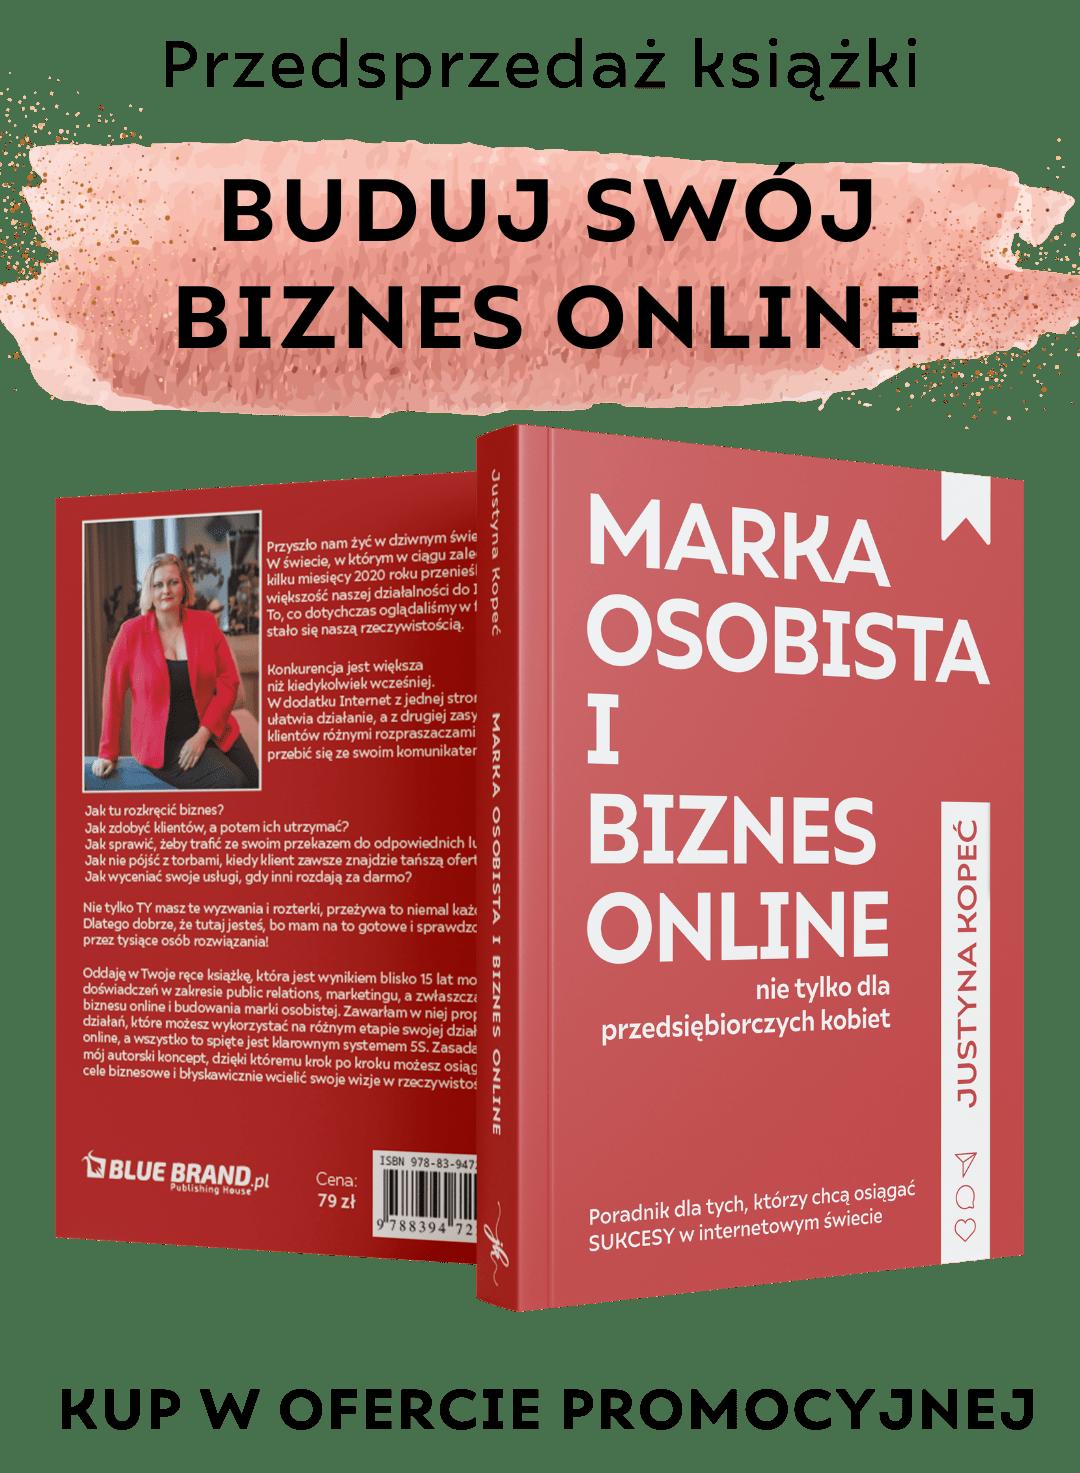 Justyna Kopeć marka osobista wbiznes online książka